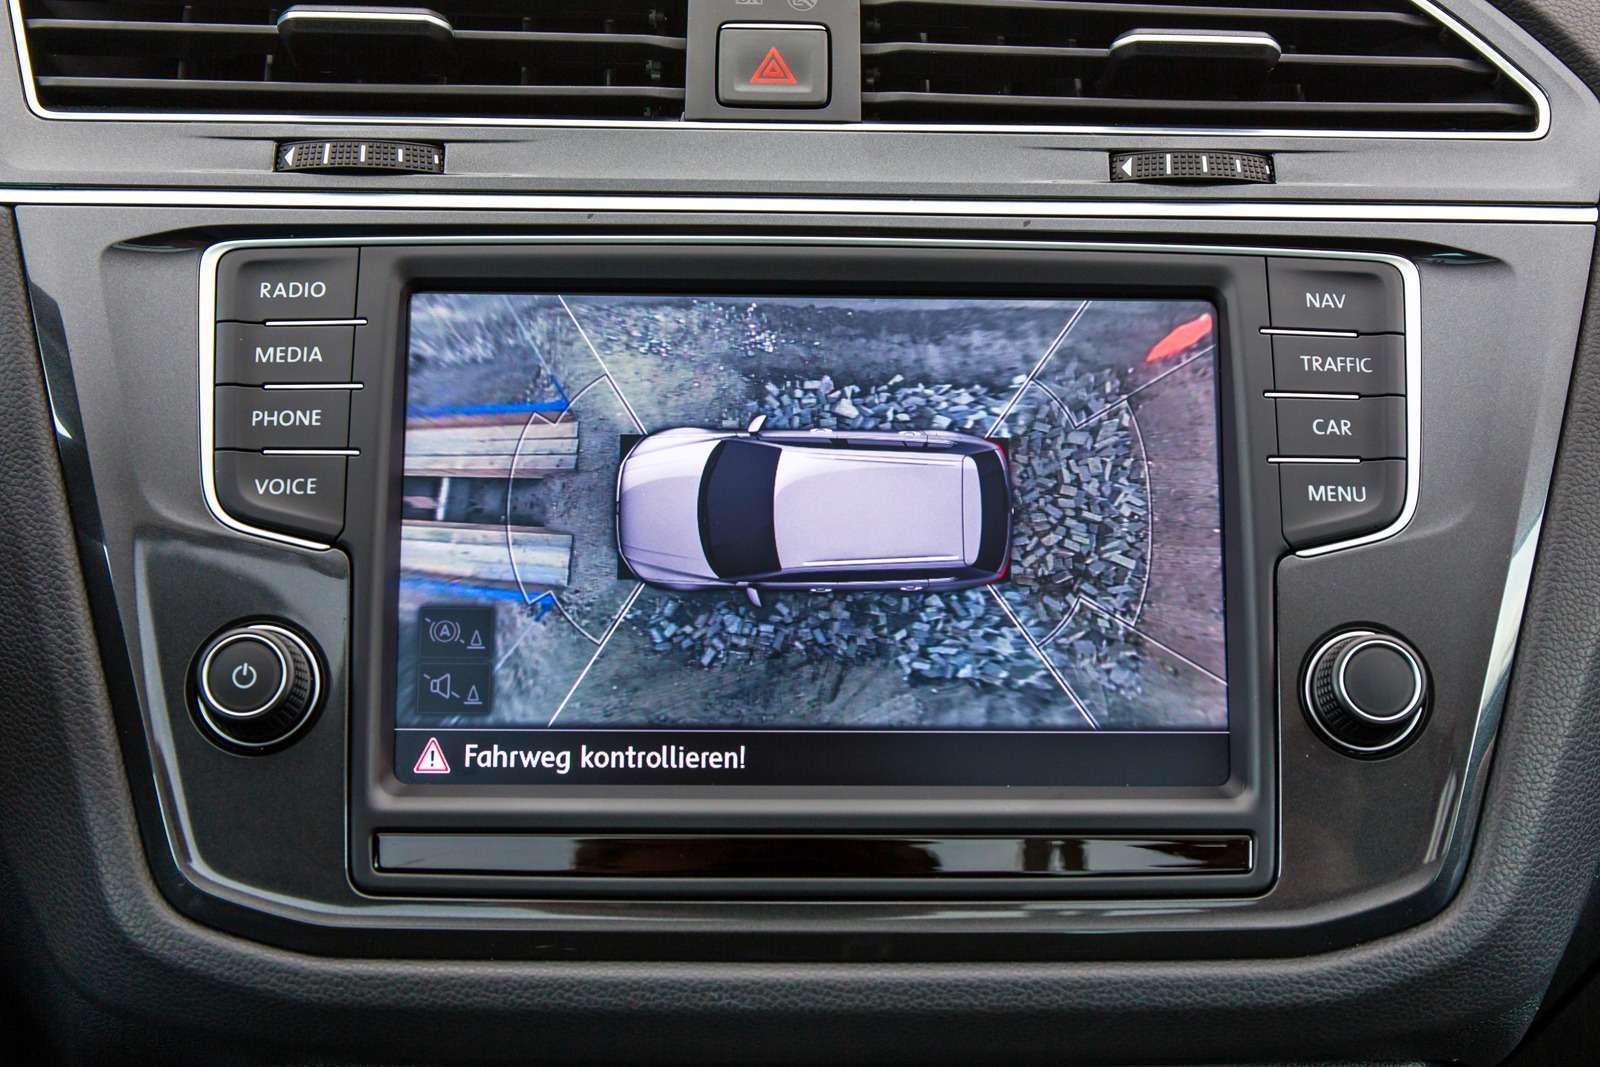 Тест нового Volkswagen Tiguan: победа экологов надавтоспортсменами— фото 594454